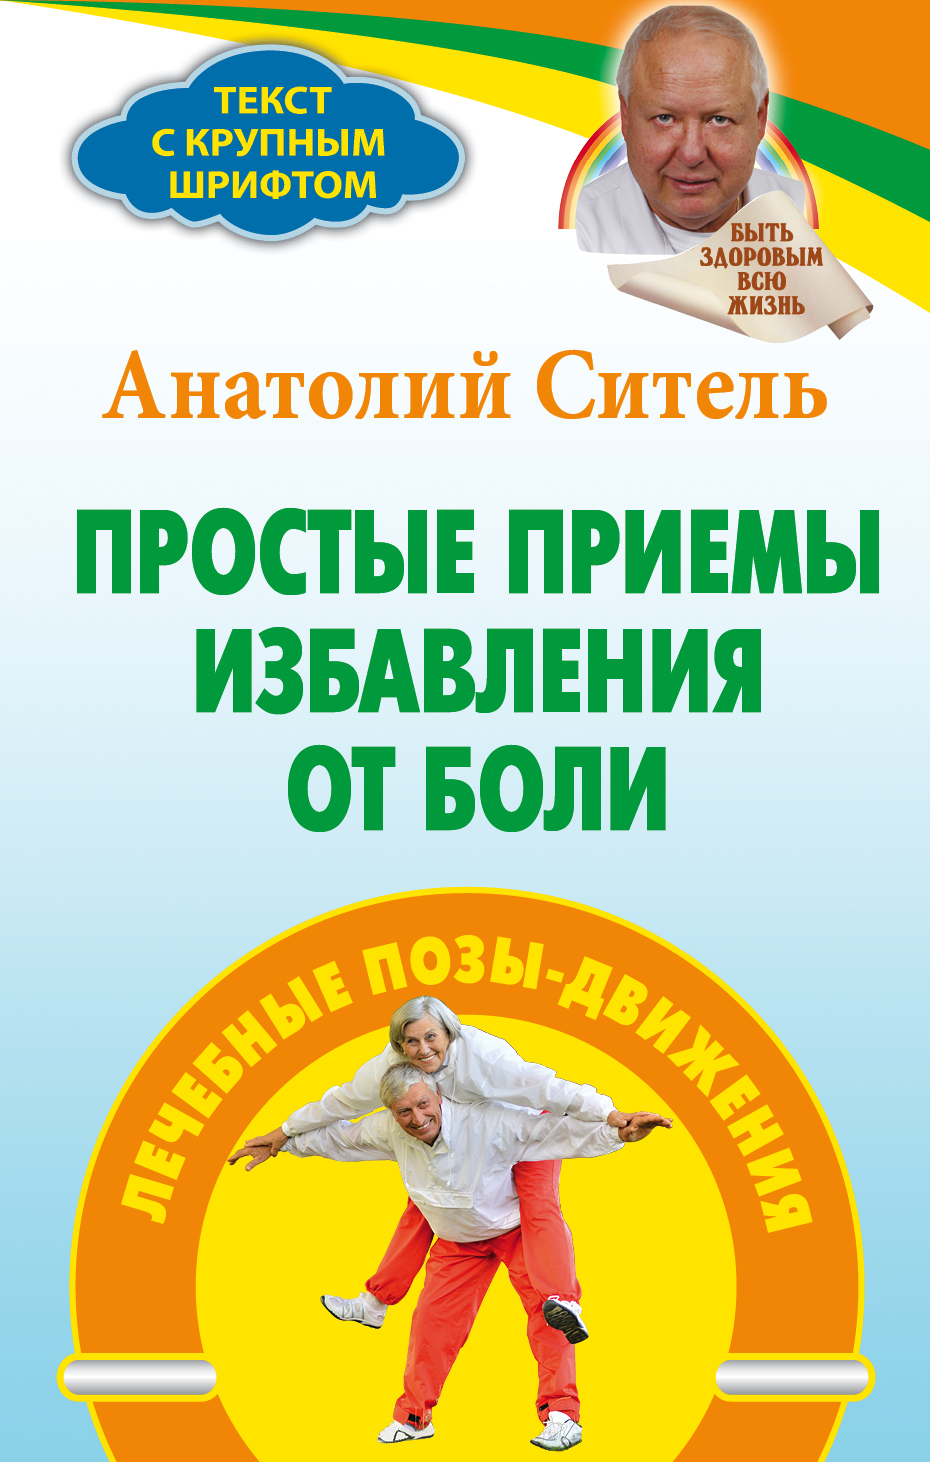 Анатолий Ситель Простые приемы избавления от боли. Лечебные позы-движения